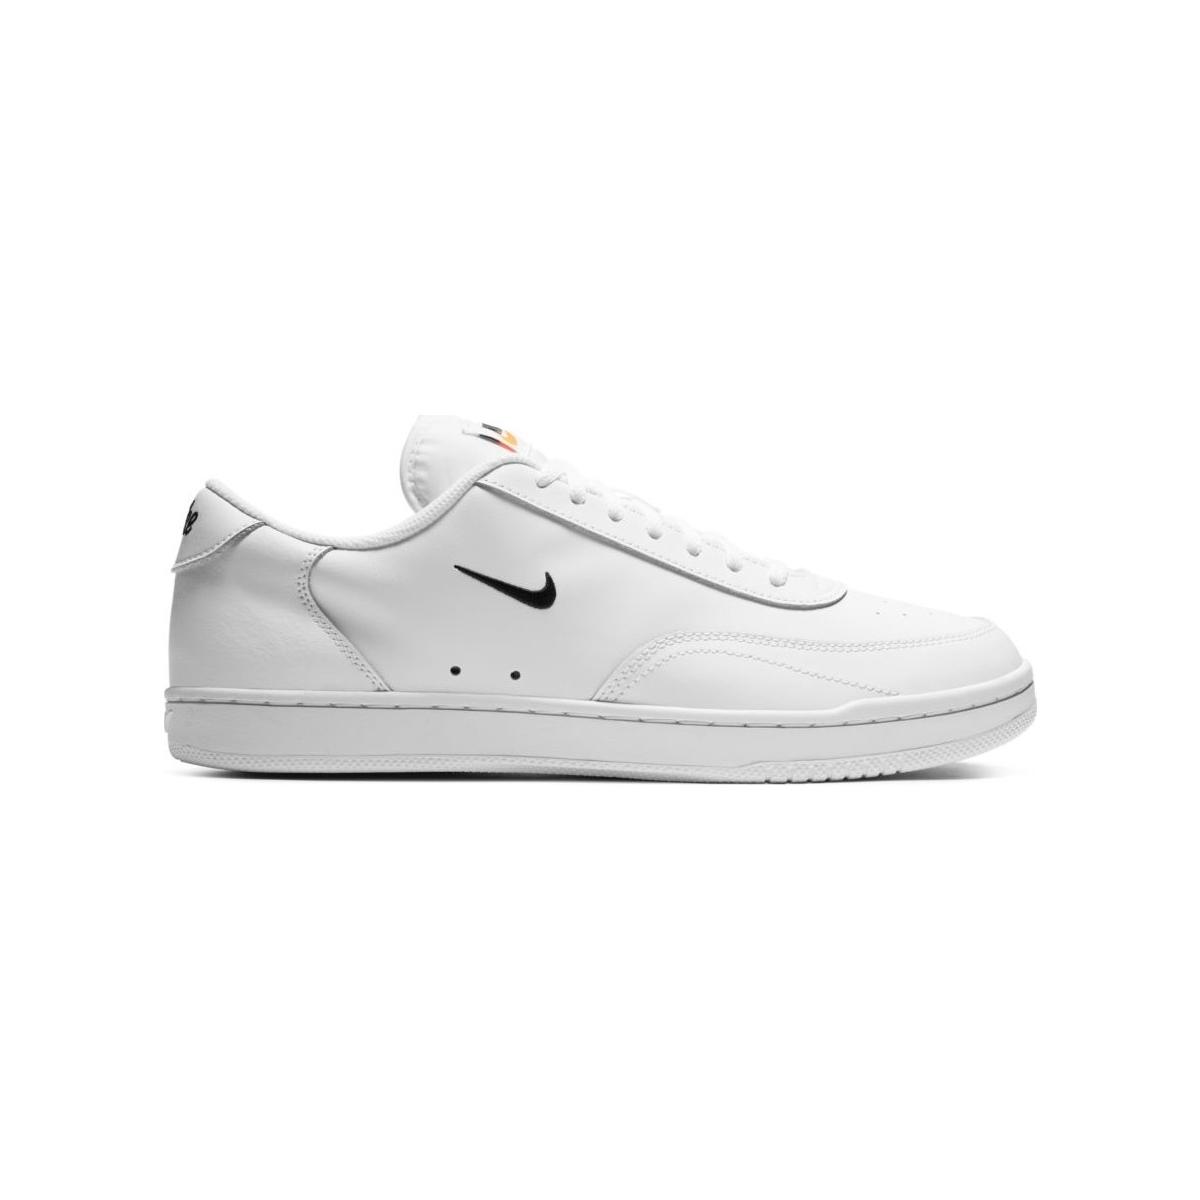 Court Vintage Erkek Beyaz Spor Ayakkabı (CJ1679-101)